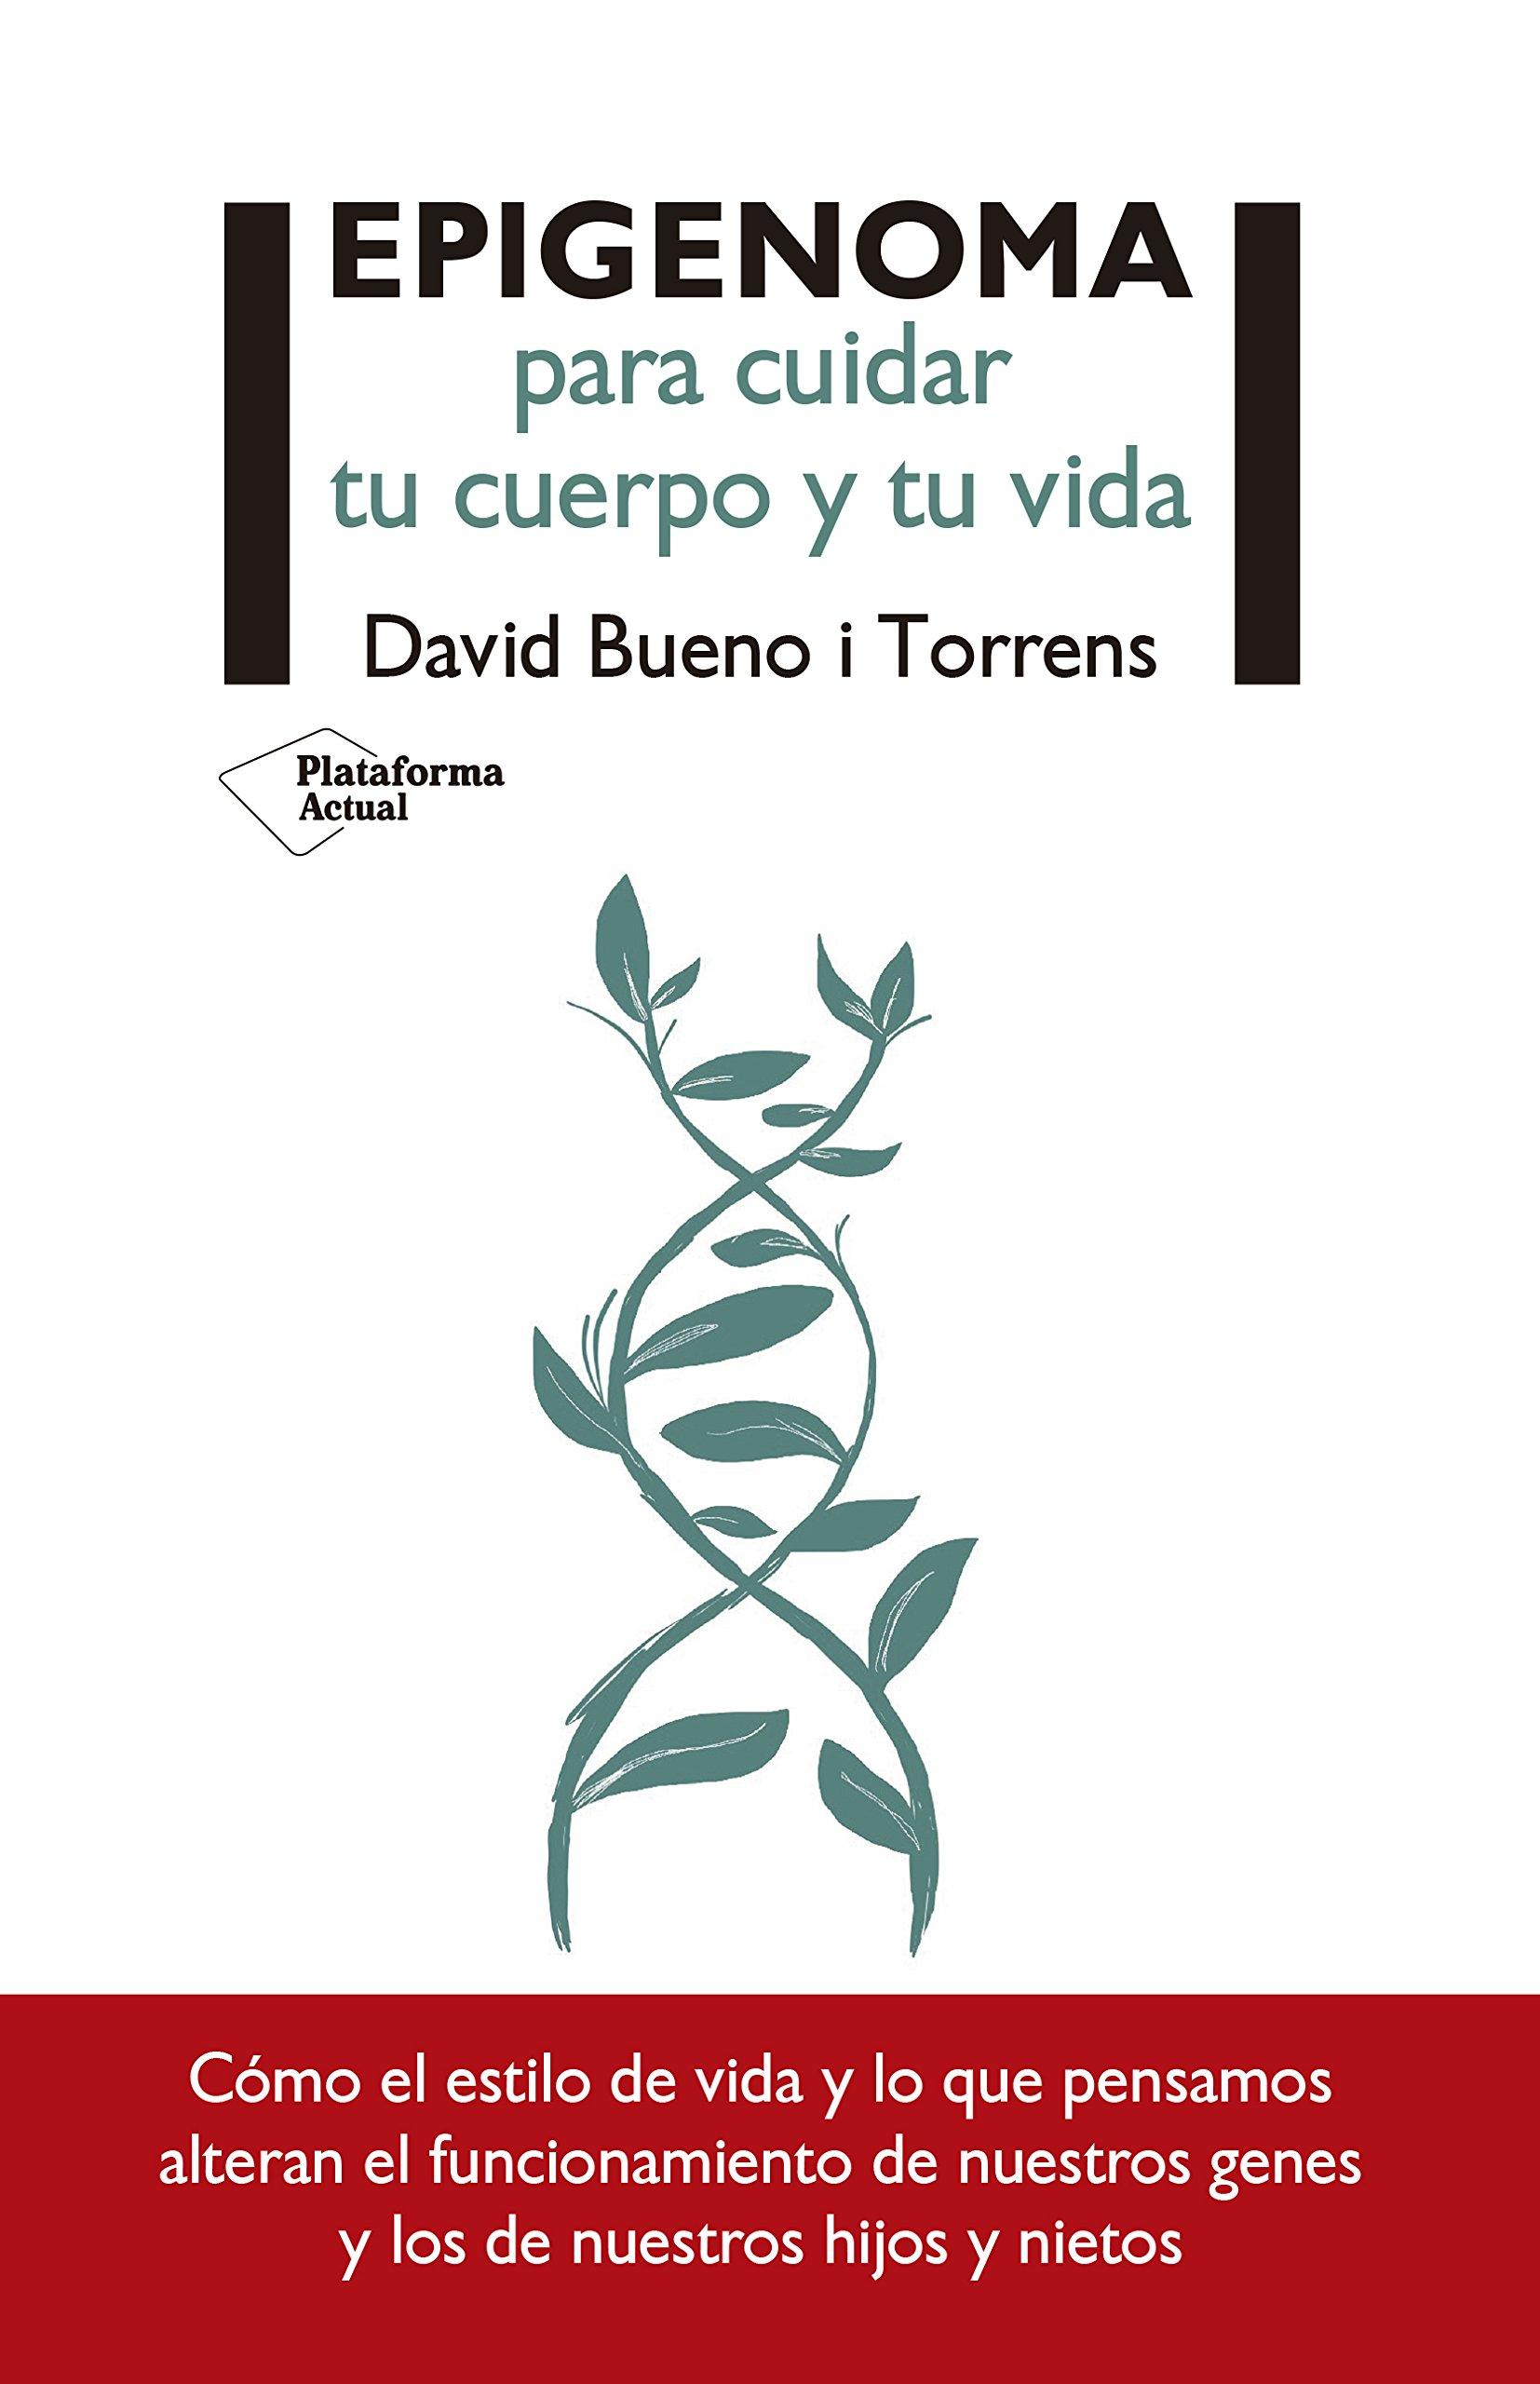 Epigenoma para cuidar tu cuerpo y tu vida: Amazon.es: David Bueno i Torrens: Libros